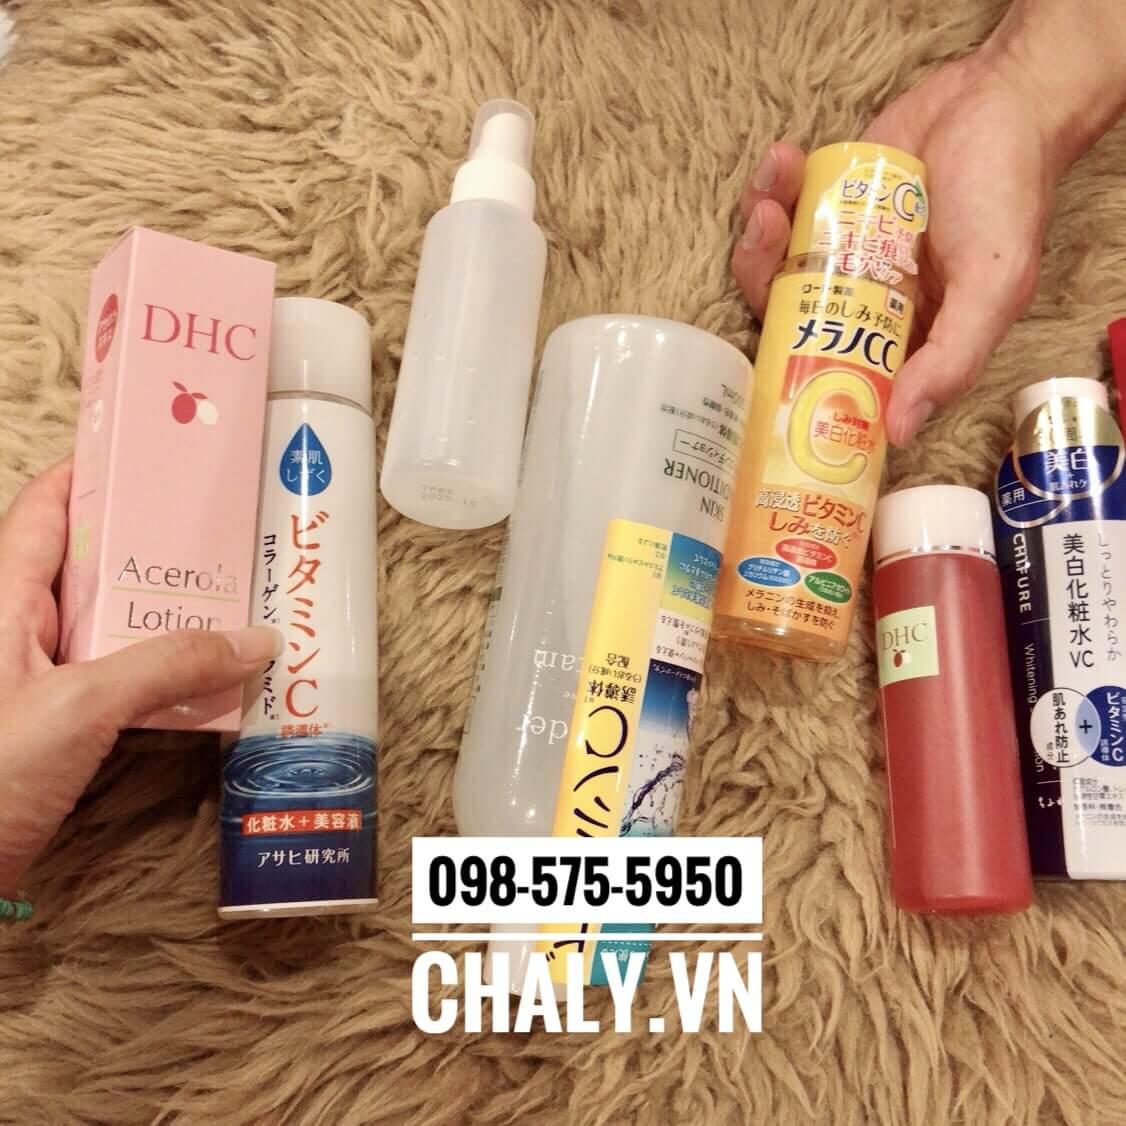 Nước hoa hồng sơ ri DHC Acerola Lotion thường xuyên là lựa chọn dưỡng da của cô gái Nhật Bản